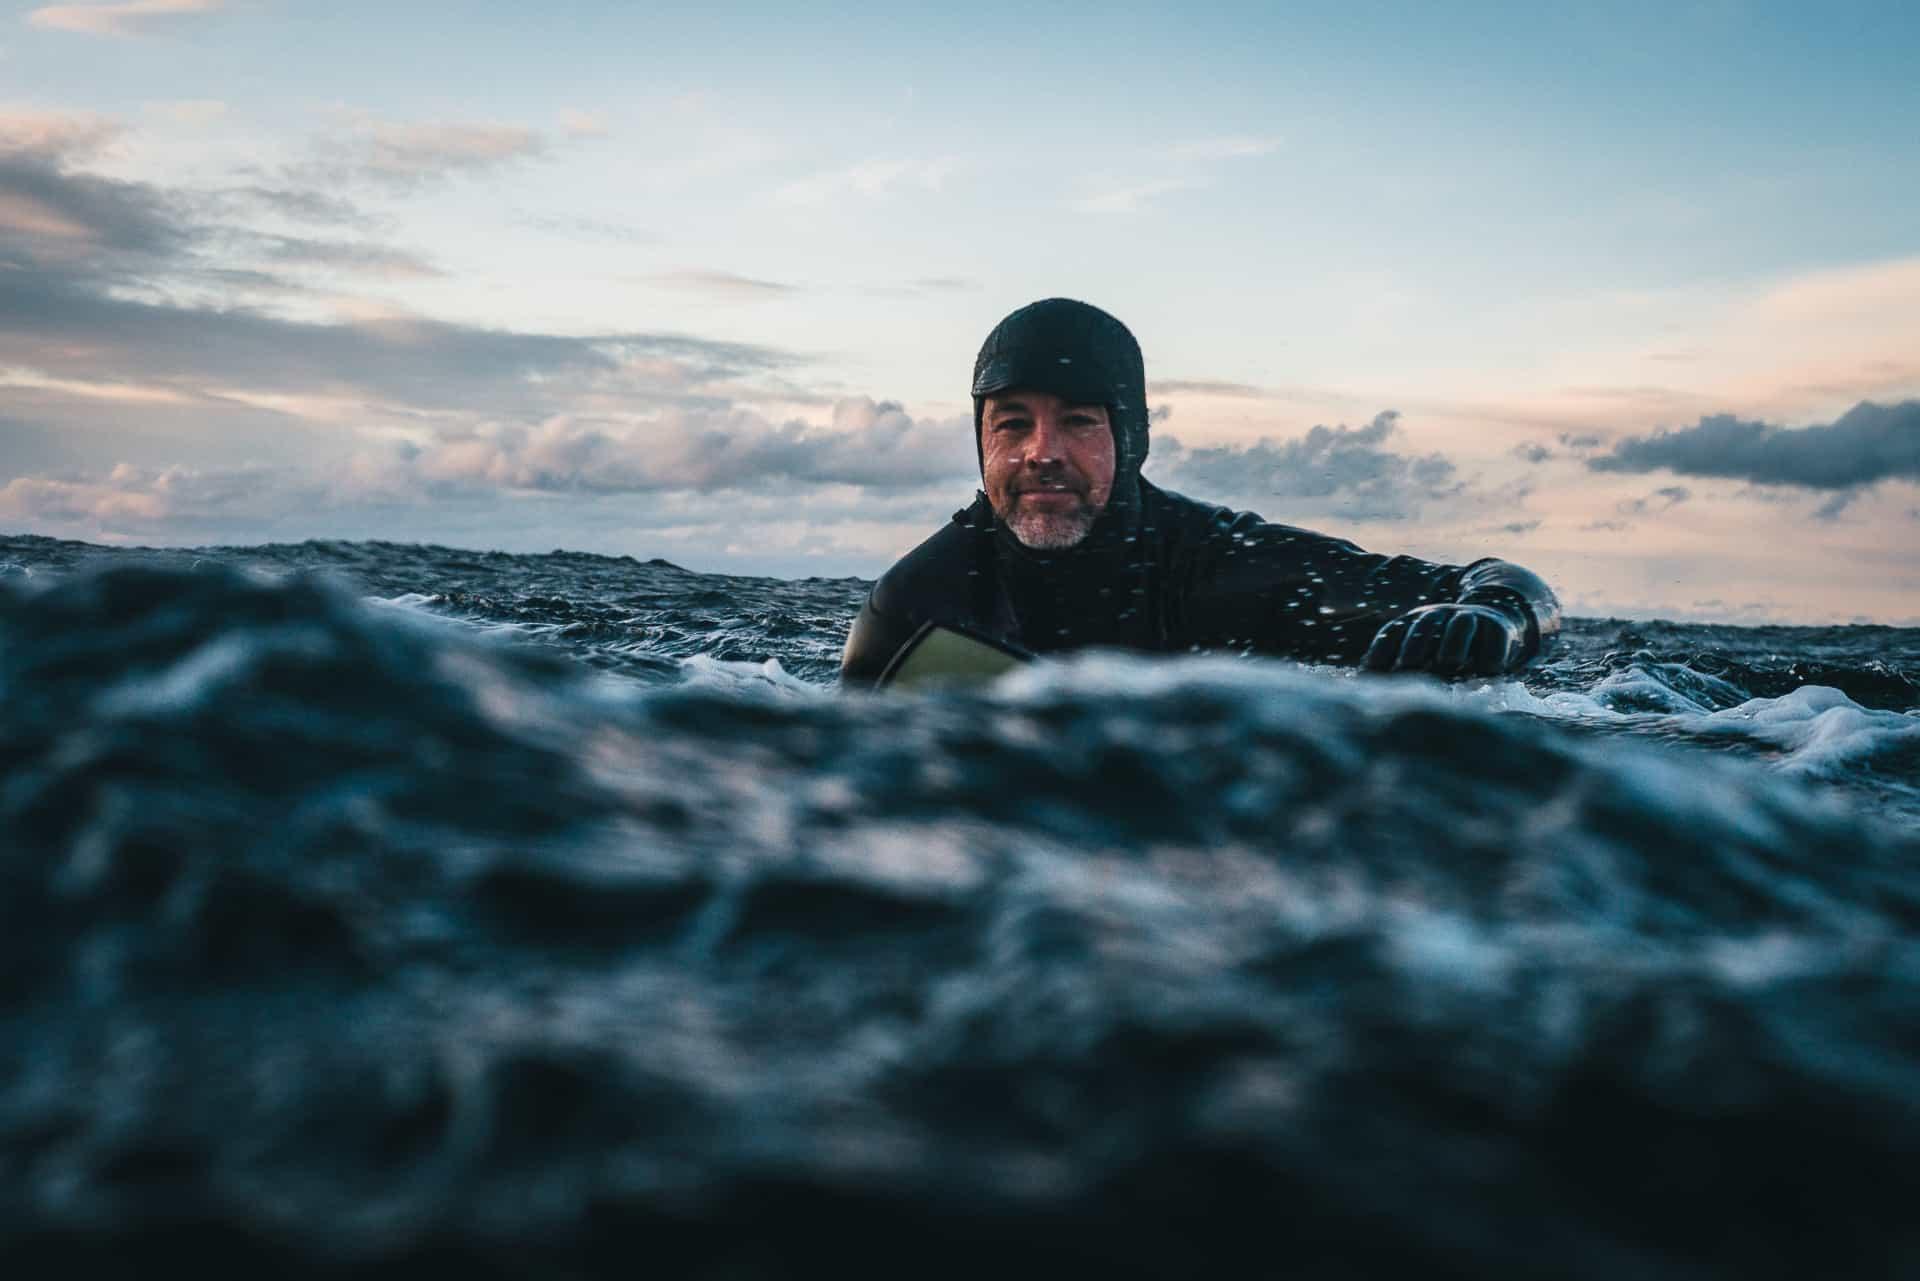 Joel Stephenson, shaper av Infusion surfboards og dedikert slabsurfer. Foto: Mats Kahlstrom